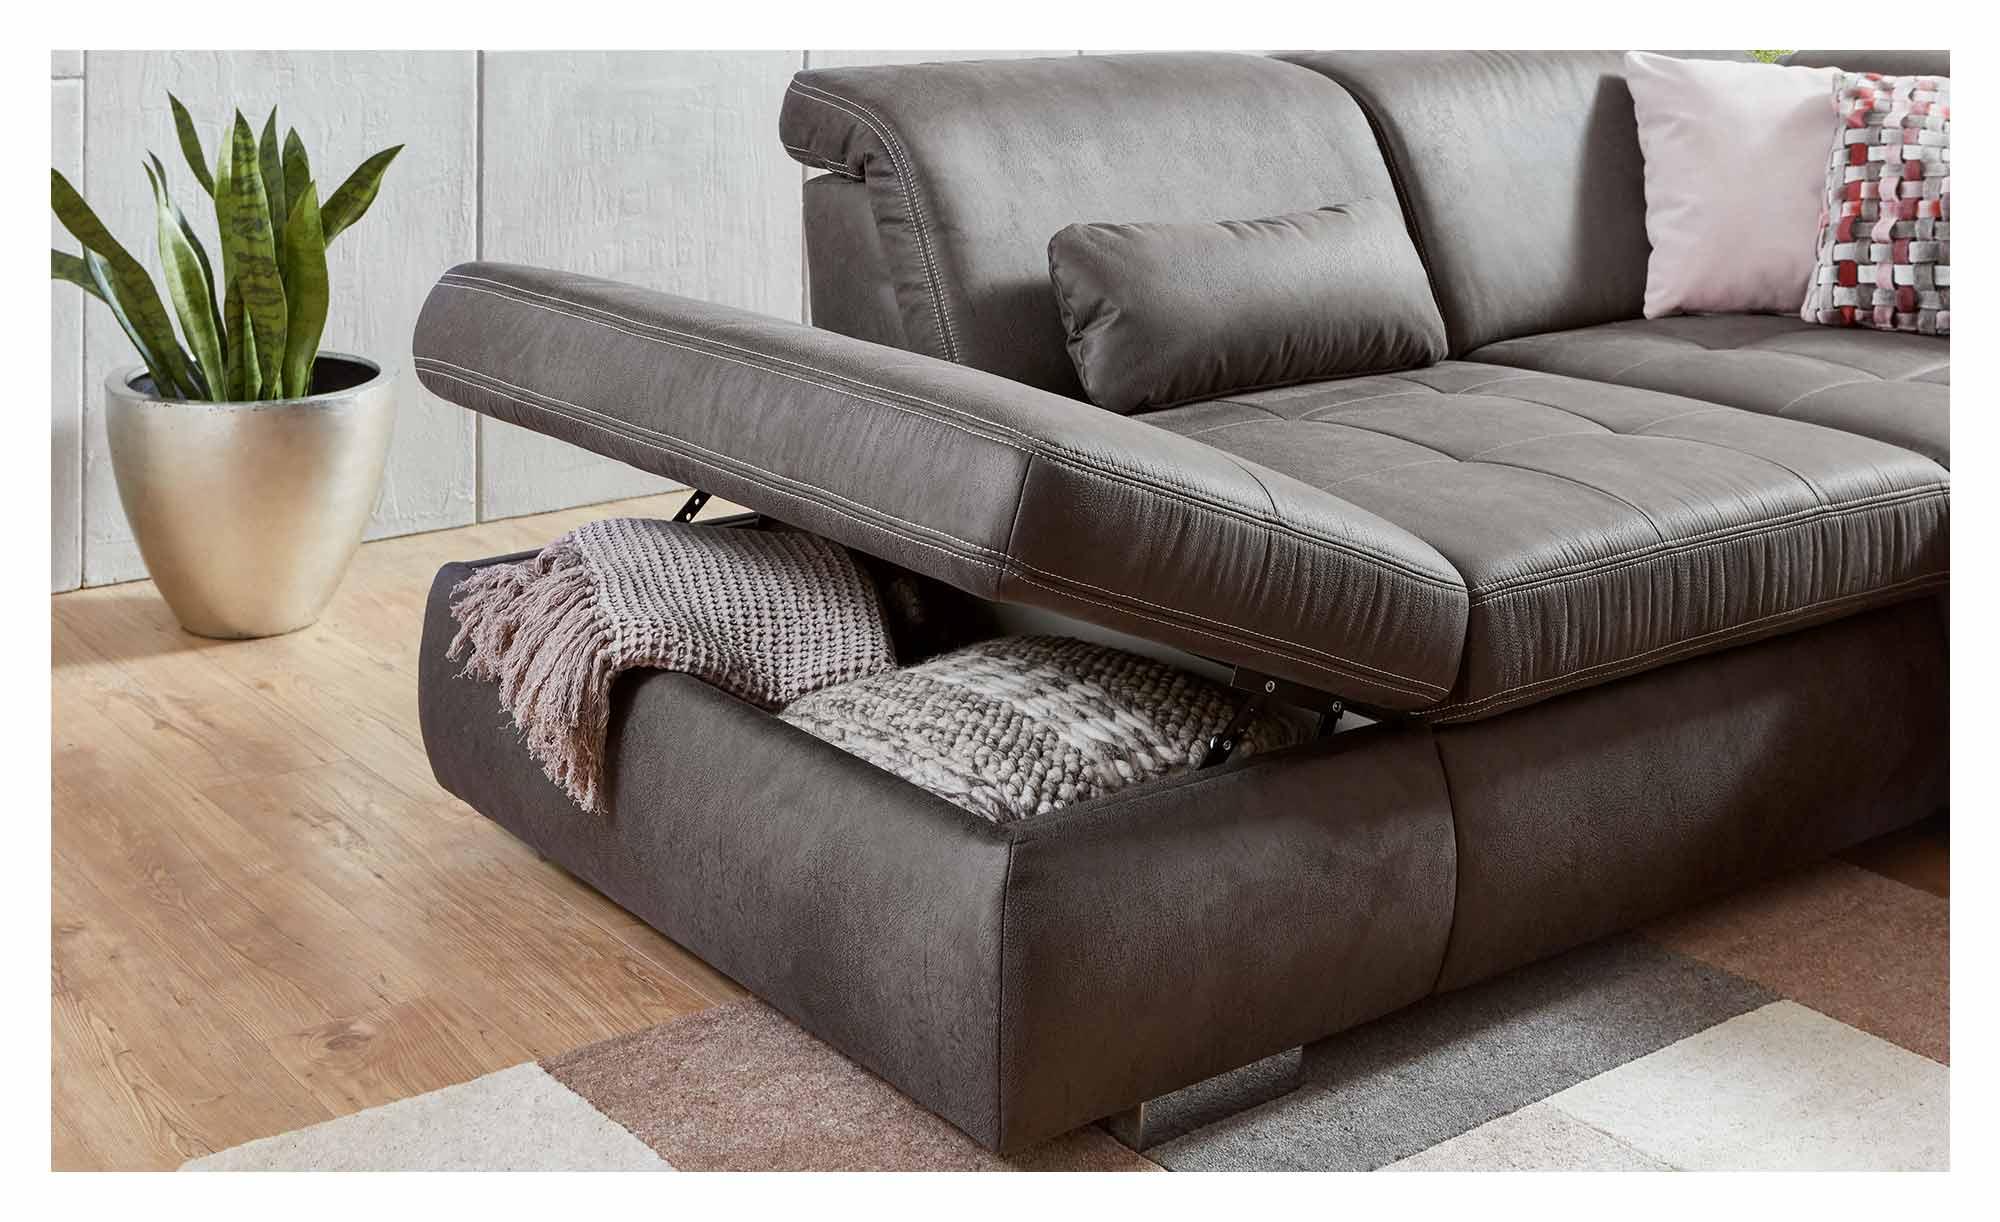 Full Size of Big Sofa Toronto Roller Couch Grau Bei Arizona Sam Terassen Alcantara Ausziehbar Xxxl Home Affaire L Form Ikea Mit Schlaffunktion Polster Reinigen Chippendale Wohnzimmer Big Sofa Roller